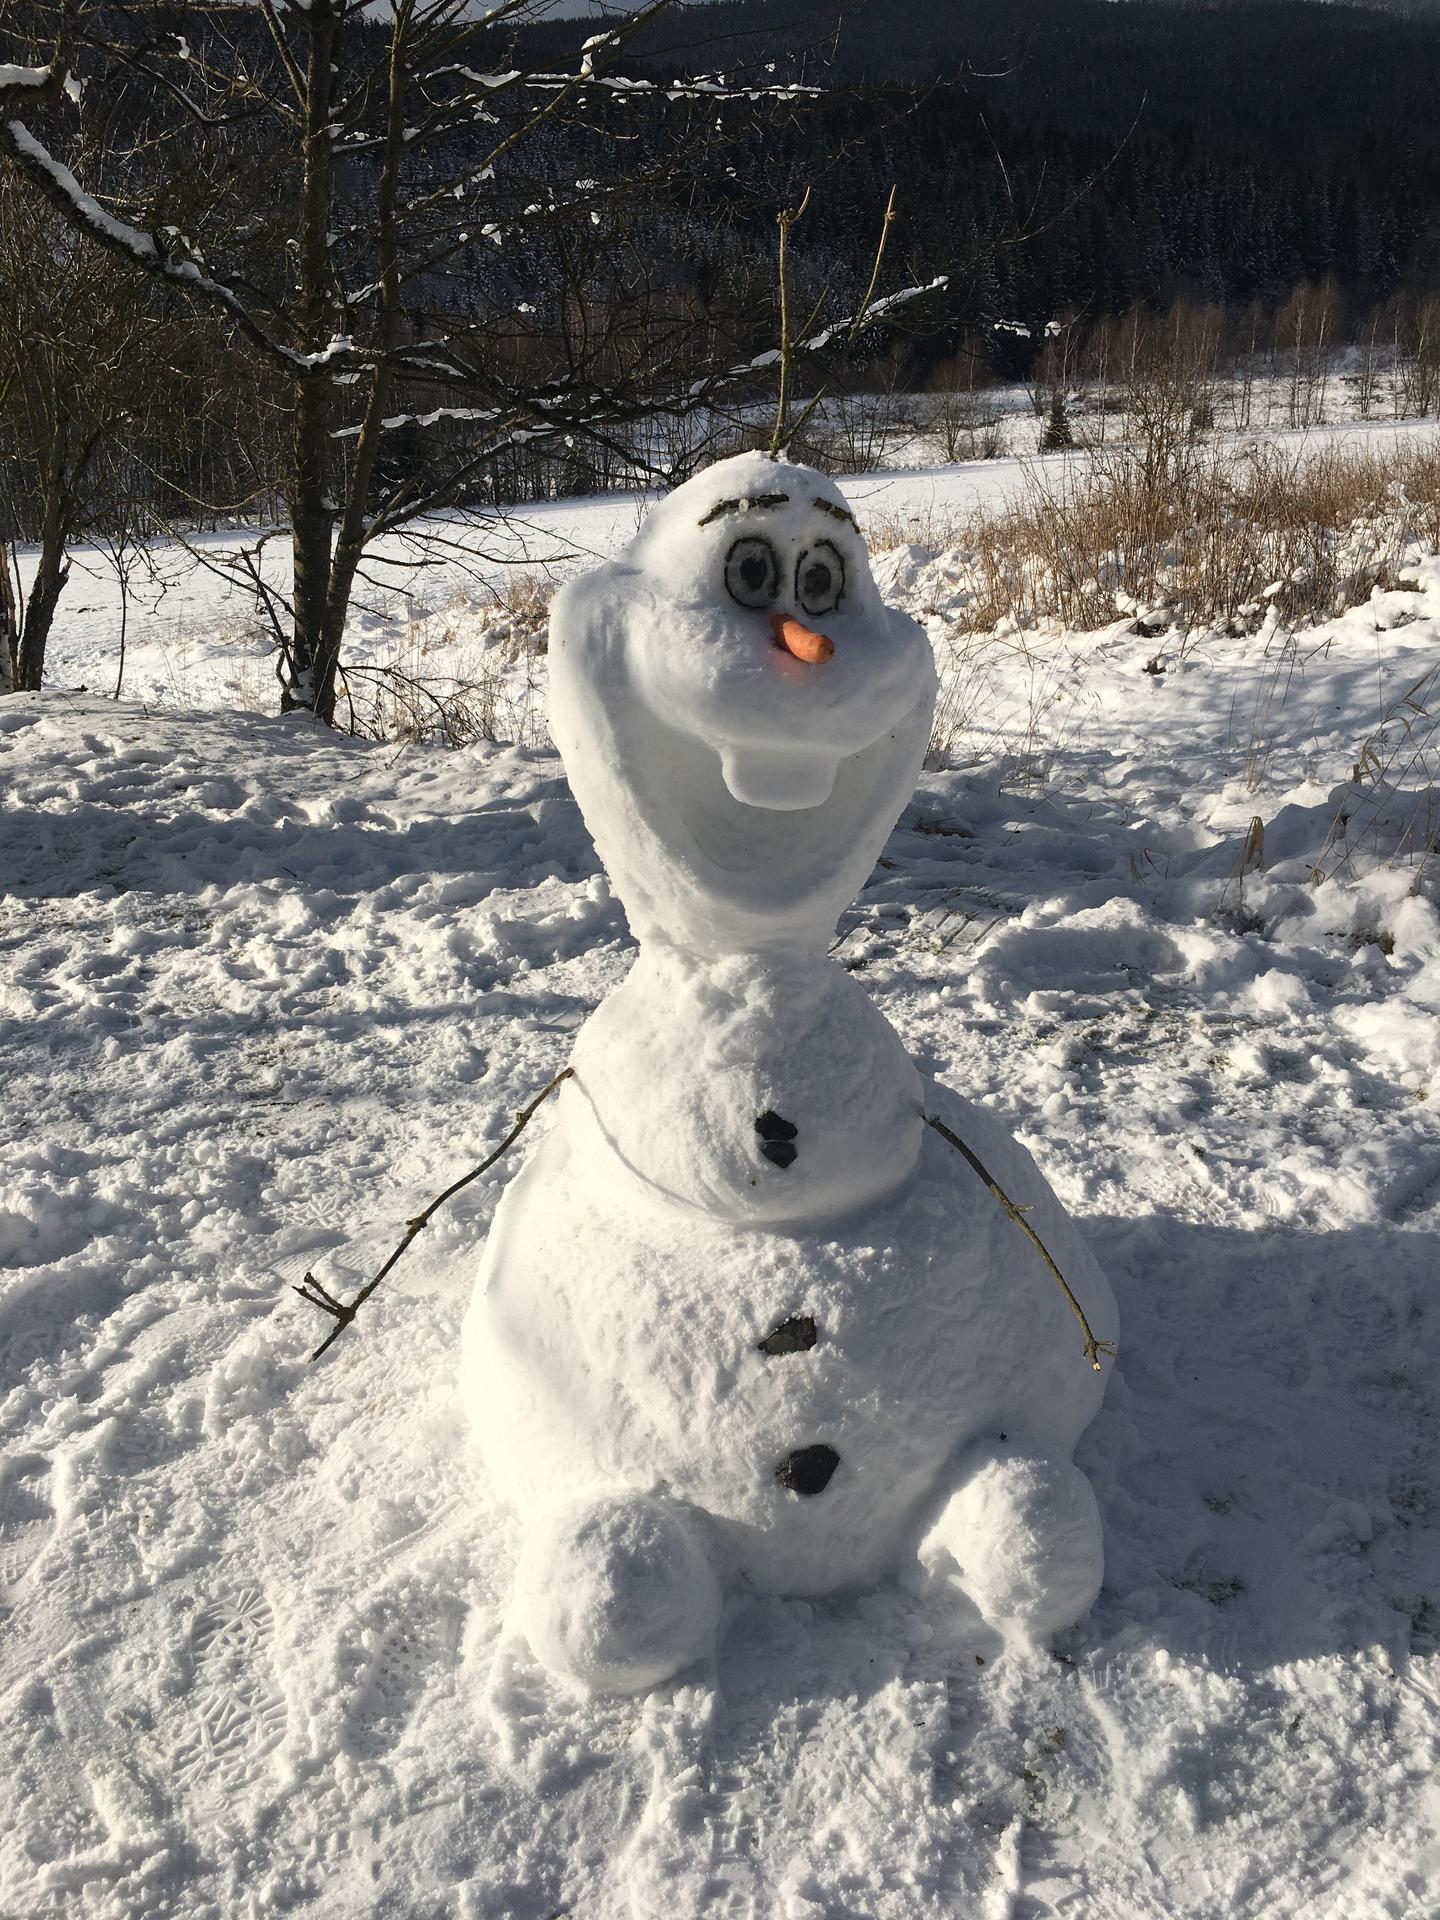 Vzpomínka na silvestra ... s bráchou a jeho polovičkou jsme stavěli Olafa v Železný Rudě #olafvrude třeba jste ho potkali 😊 - Obrázek č. 1